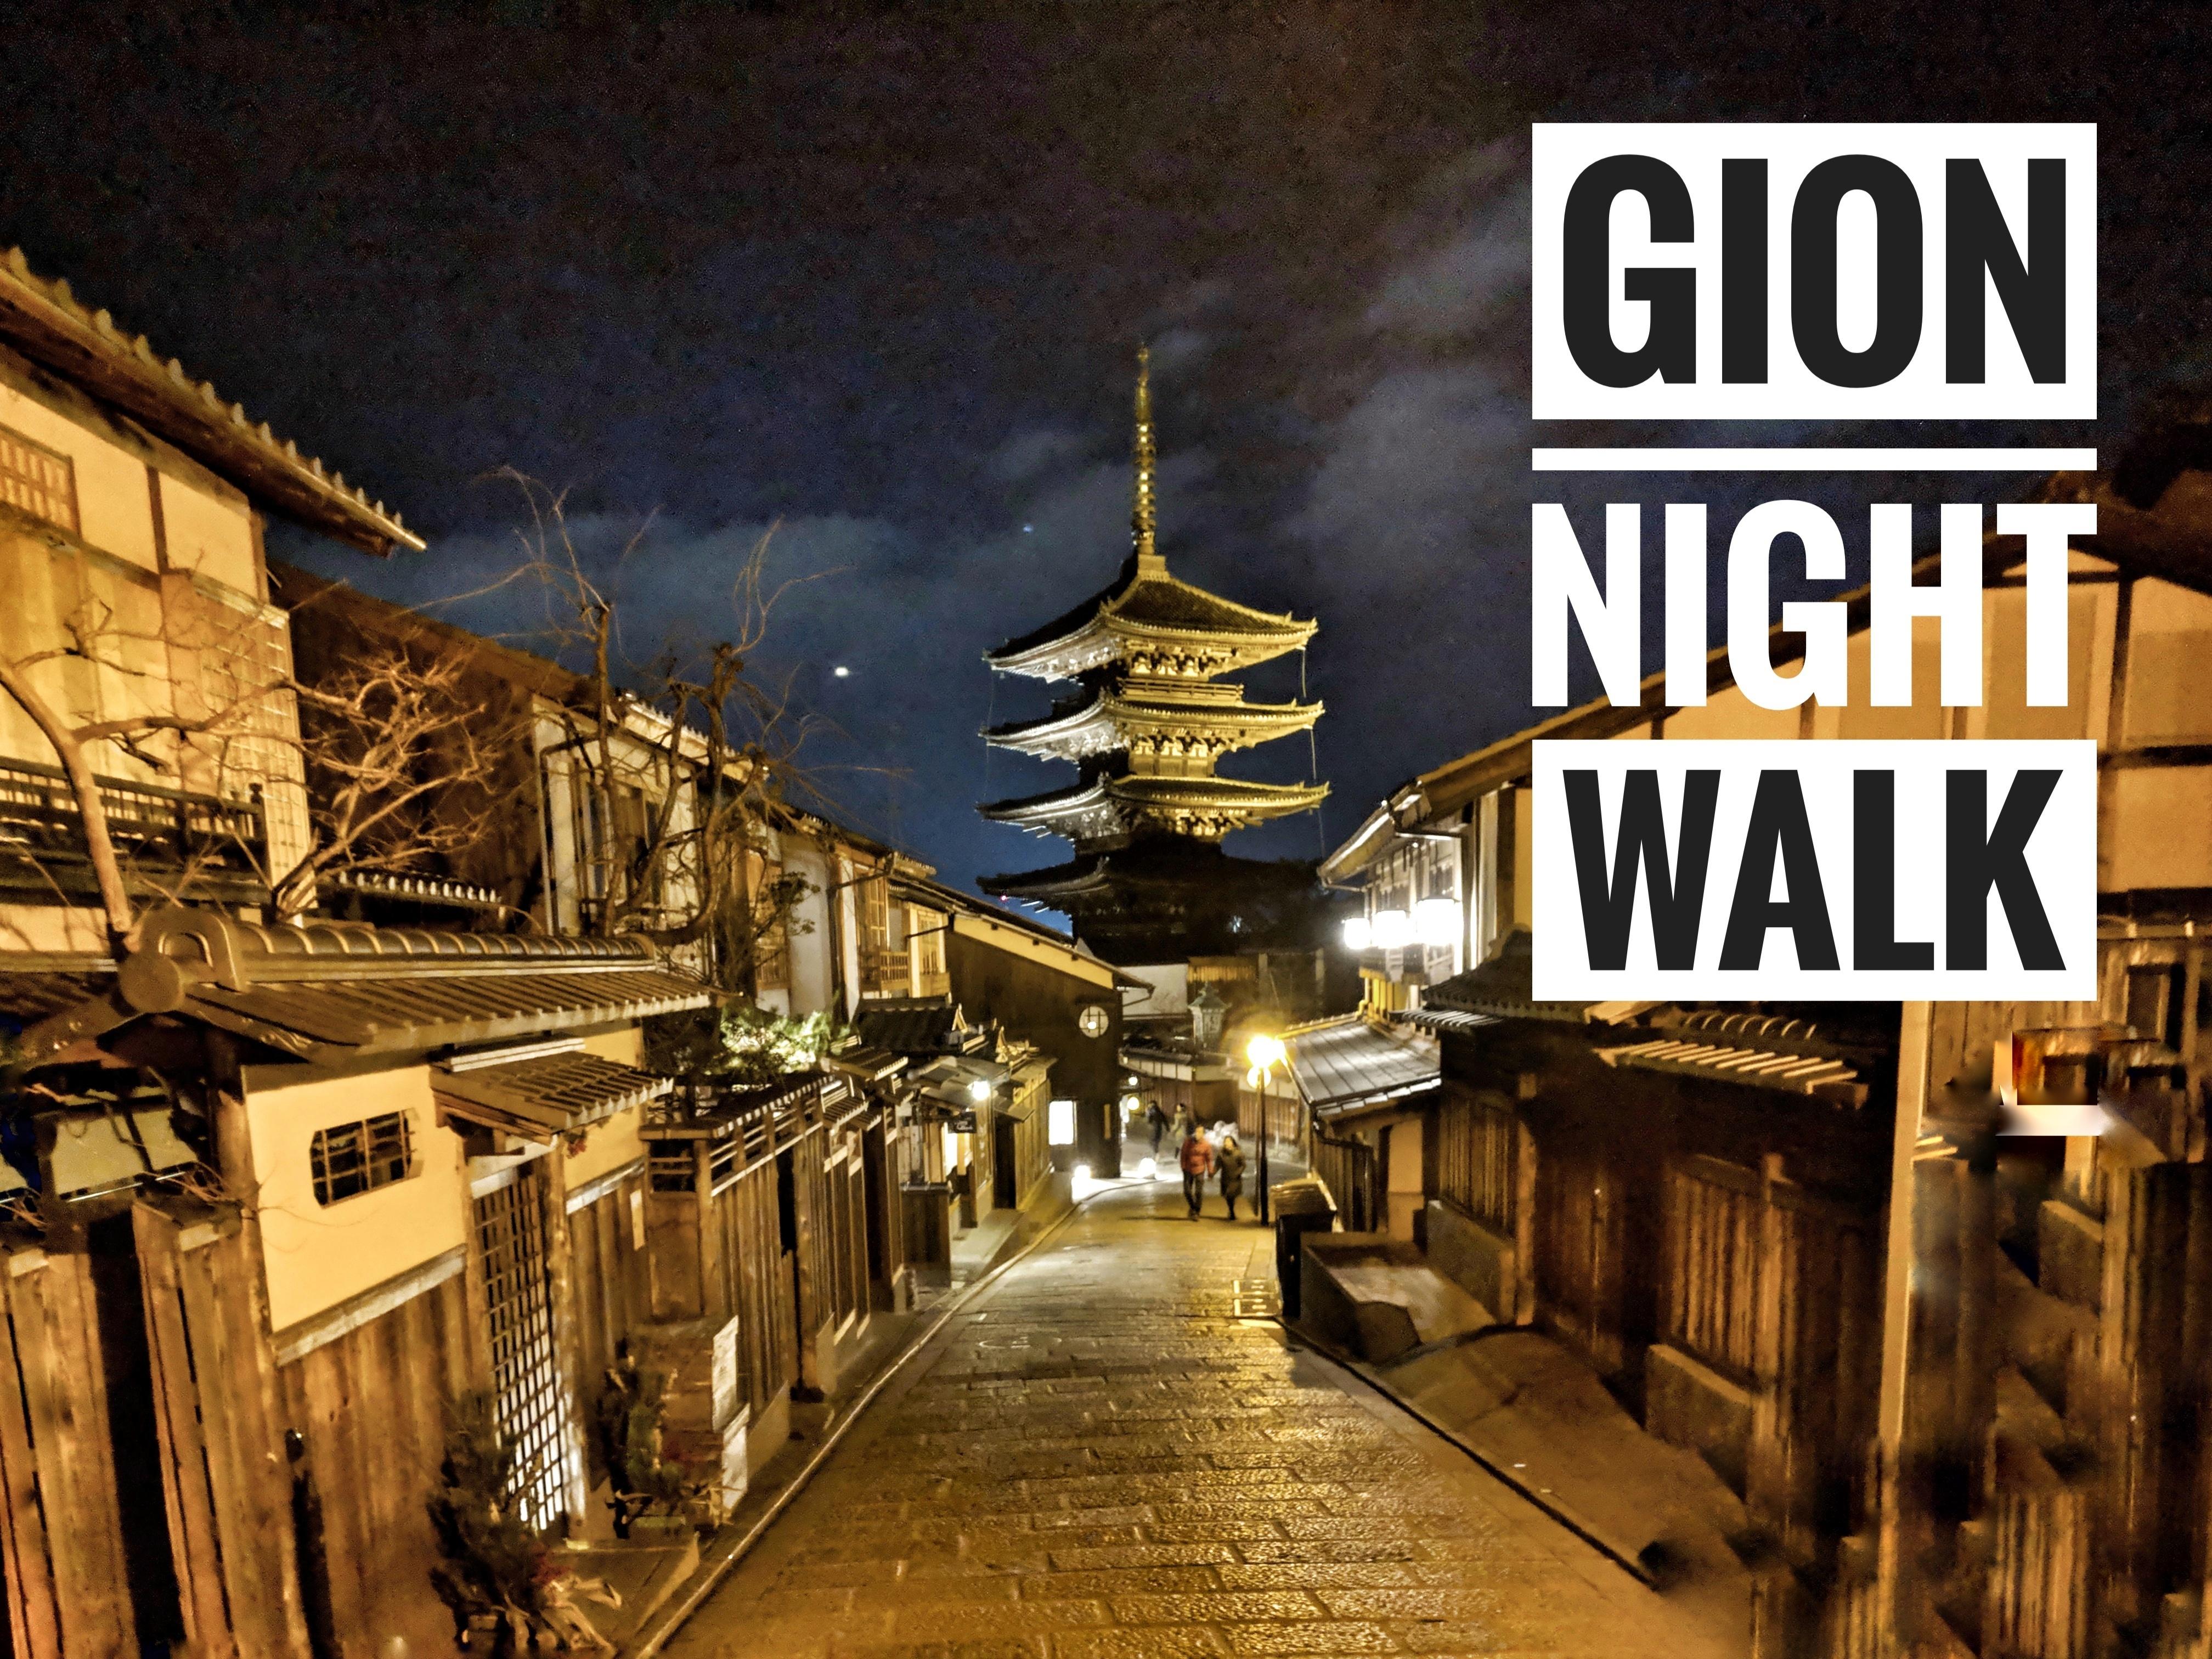 go on a gion night walk  kyoto